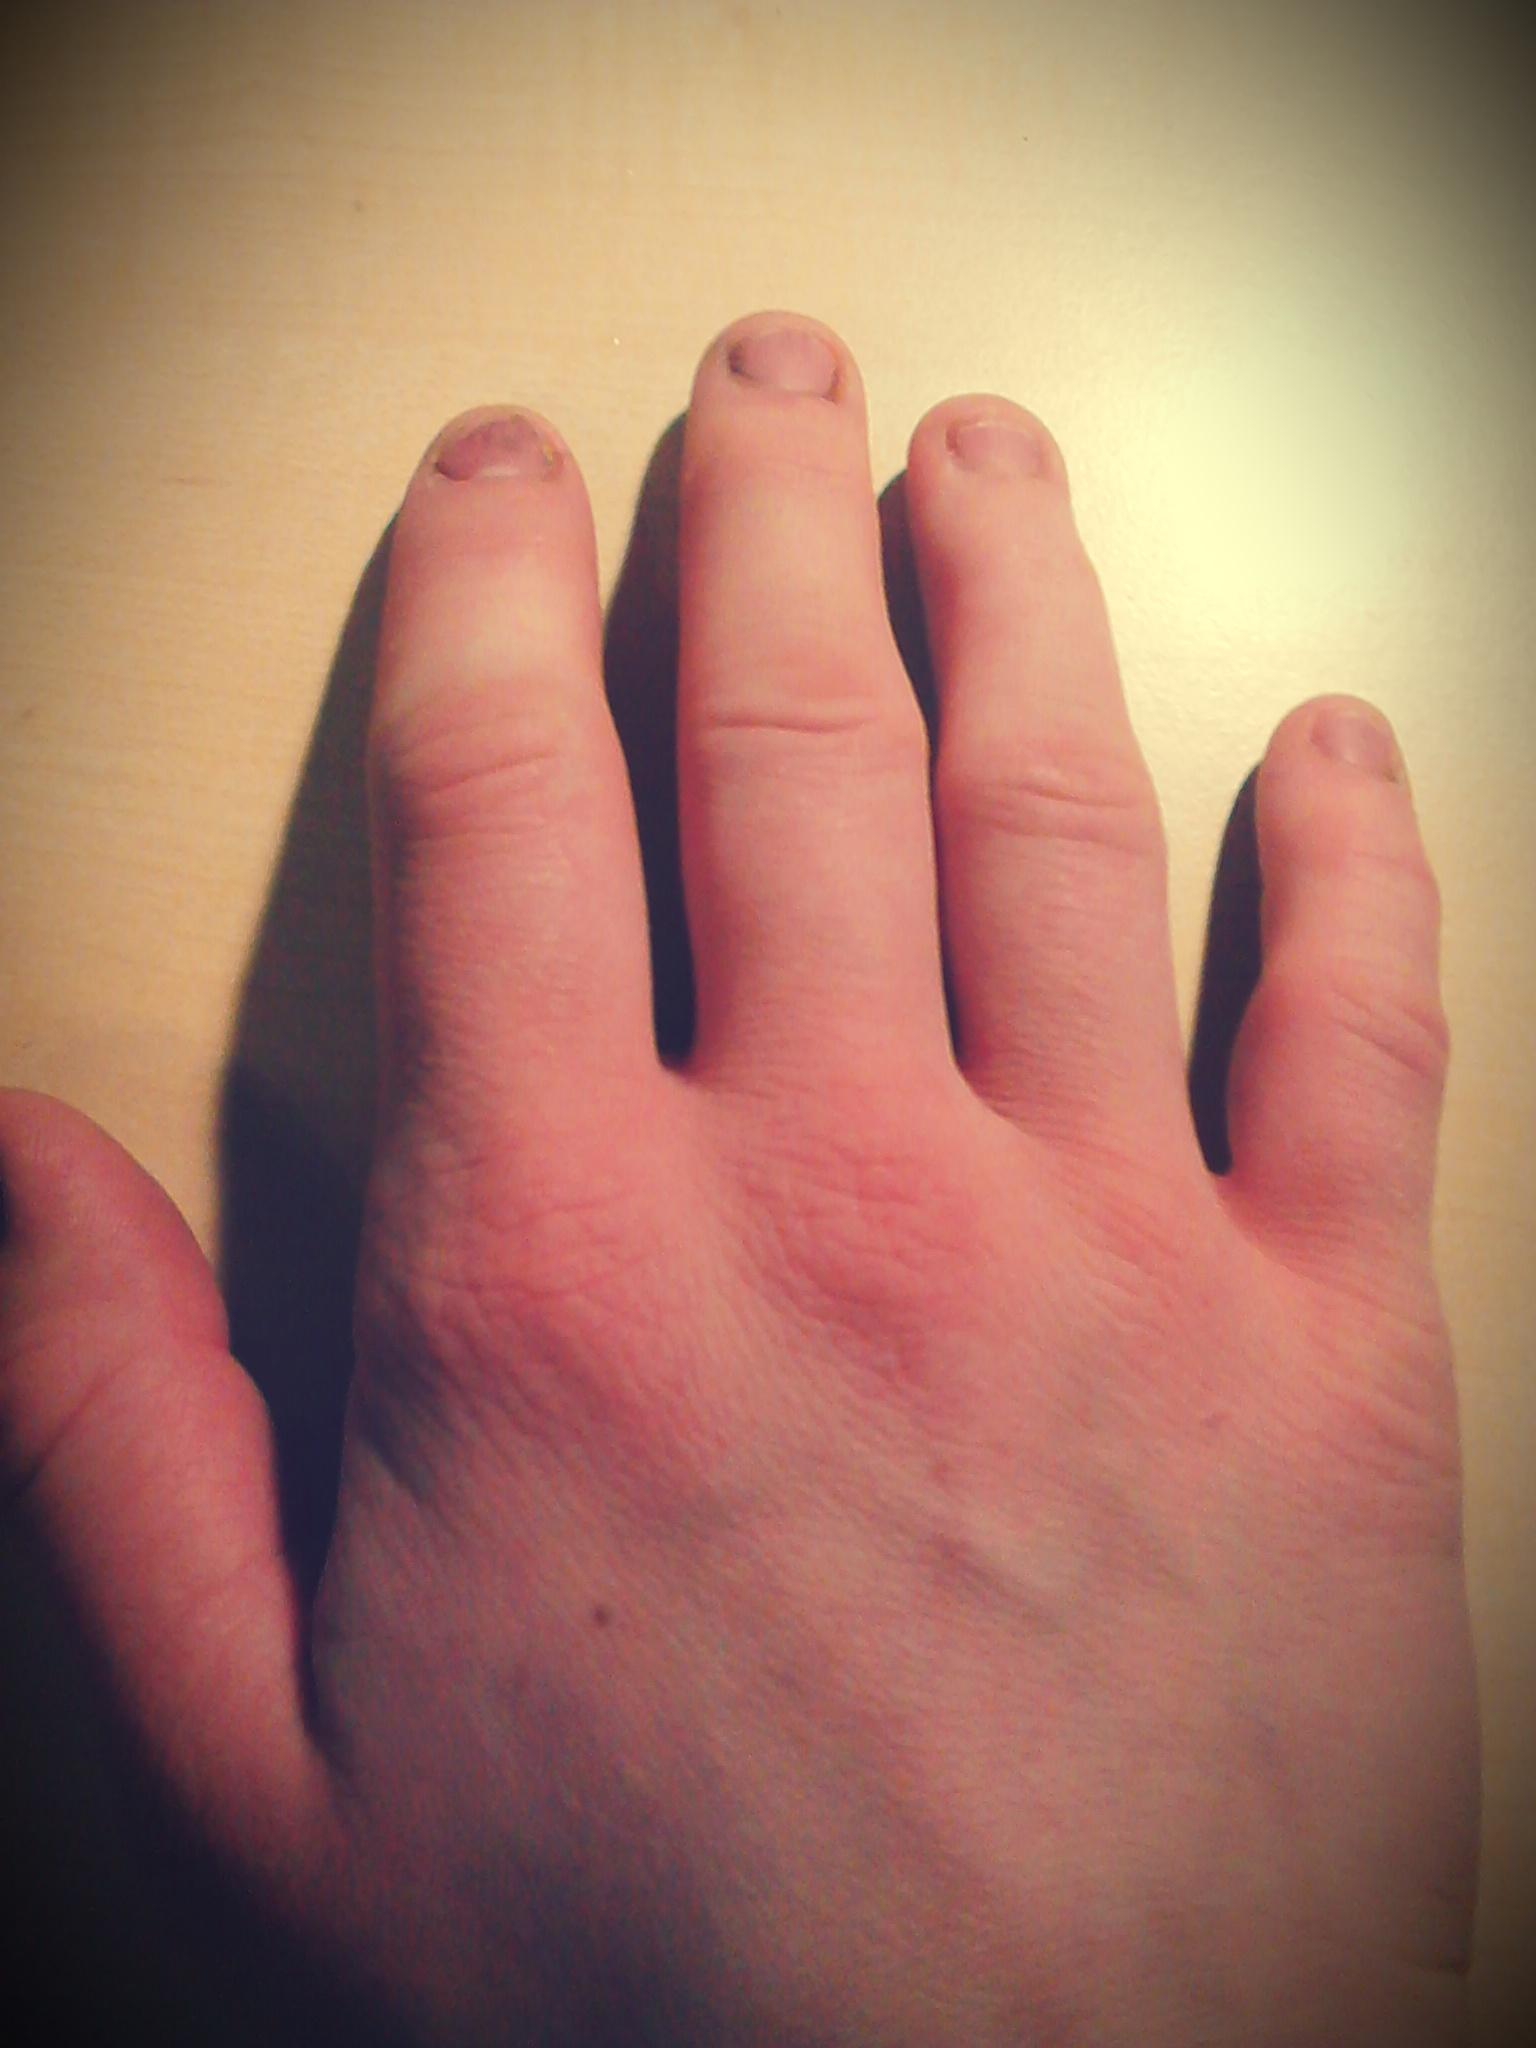 meine finger jucken und sind geschwollen. (hand, juckreiz)